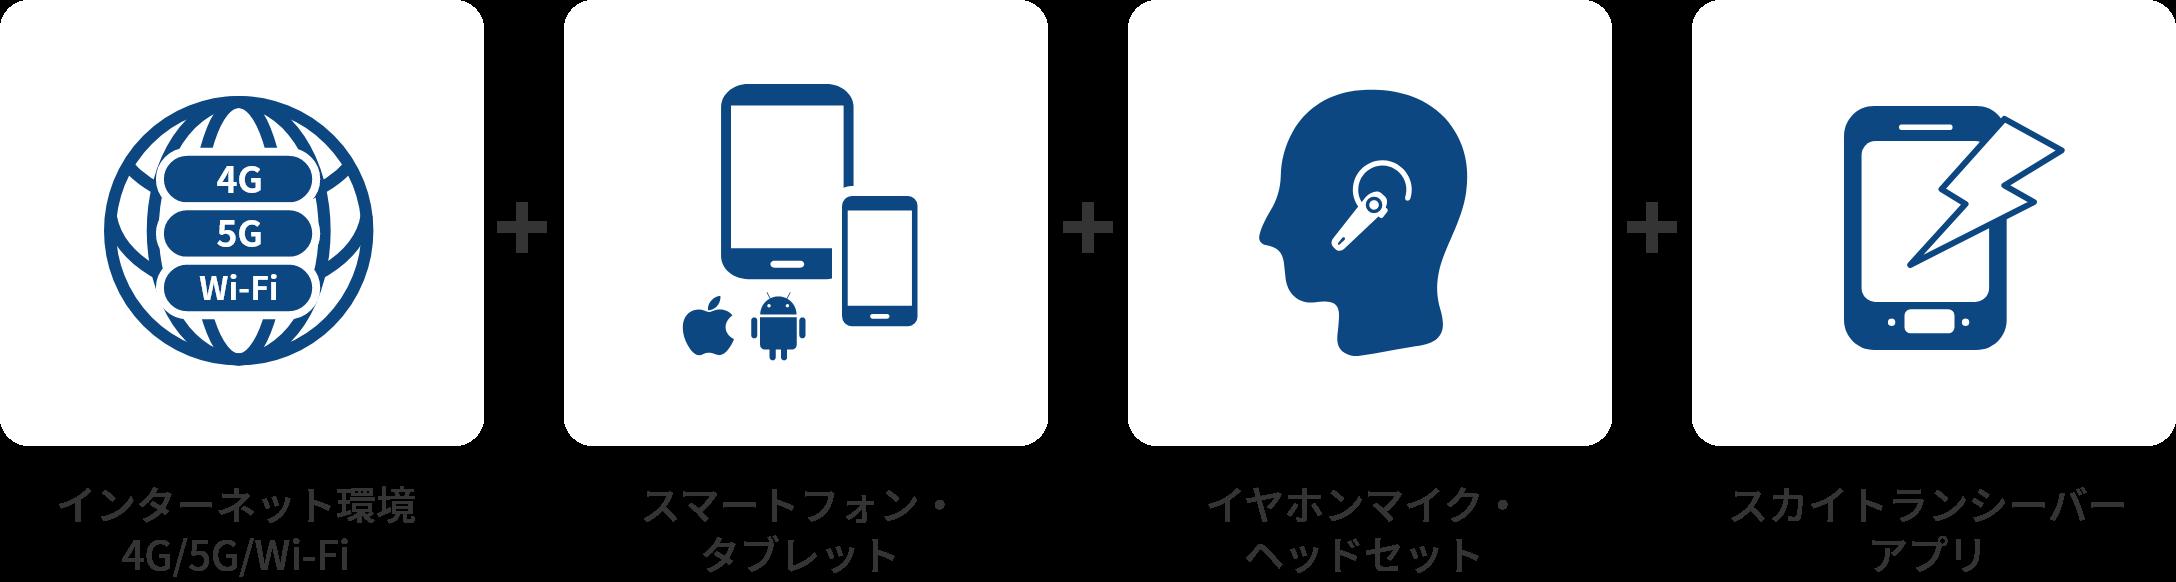 「インターネット環境 4G/5G/Wi-Fi」+「スマートフォン・ タブレット」+「イヤホンマイク・ ヘッドセット」+「スカイトランシーバー アプリ」